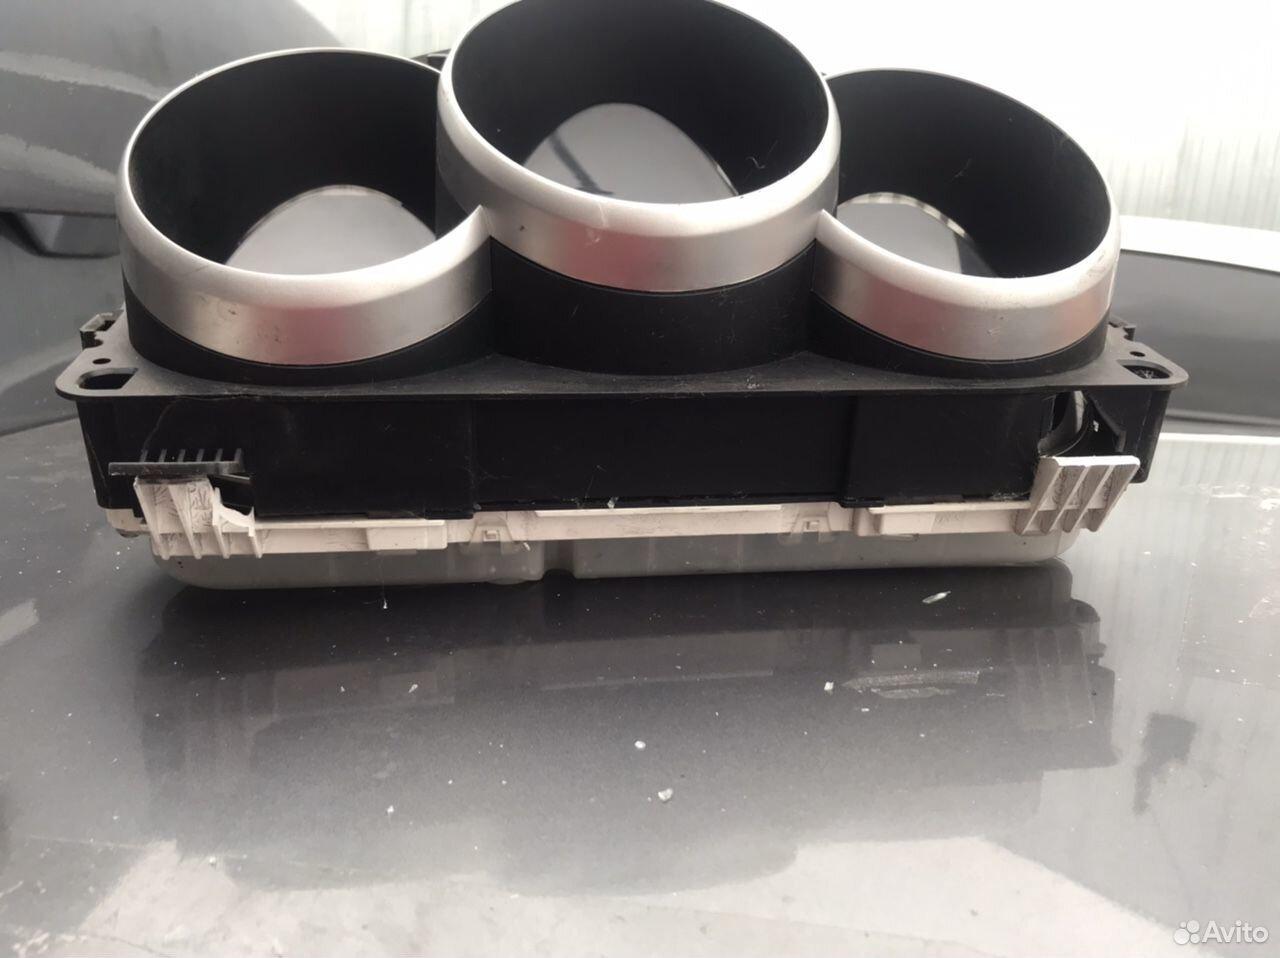 Панель приборов Mazda 3bk 2.0 sport  89644905044 купить 2